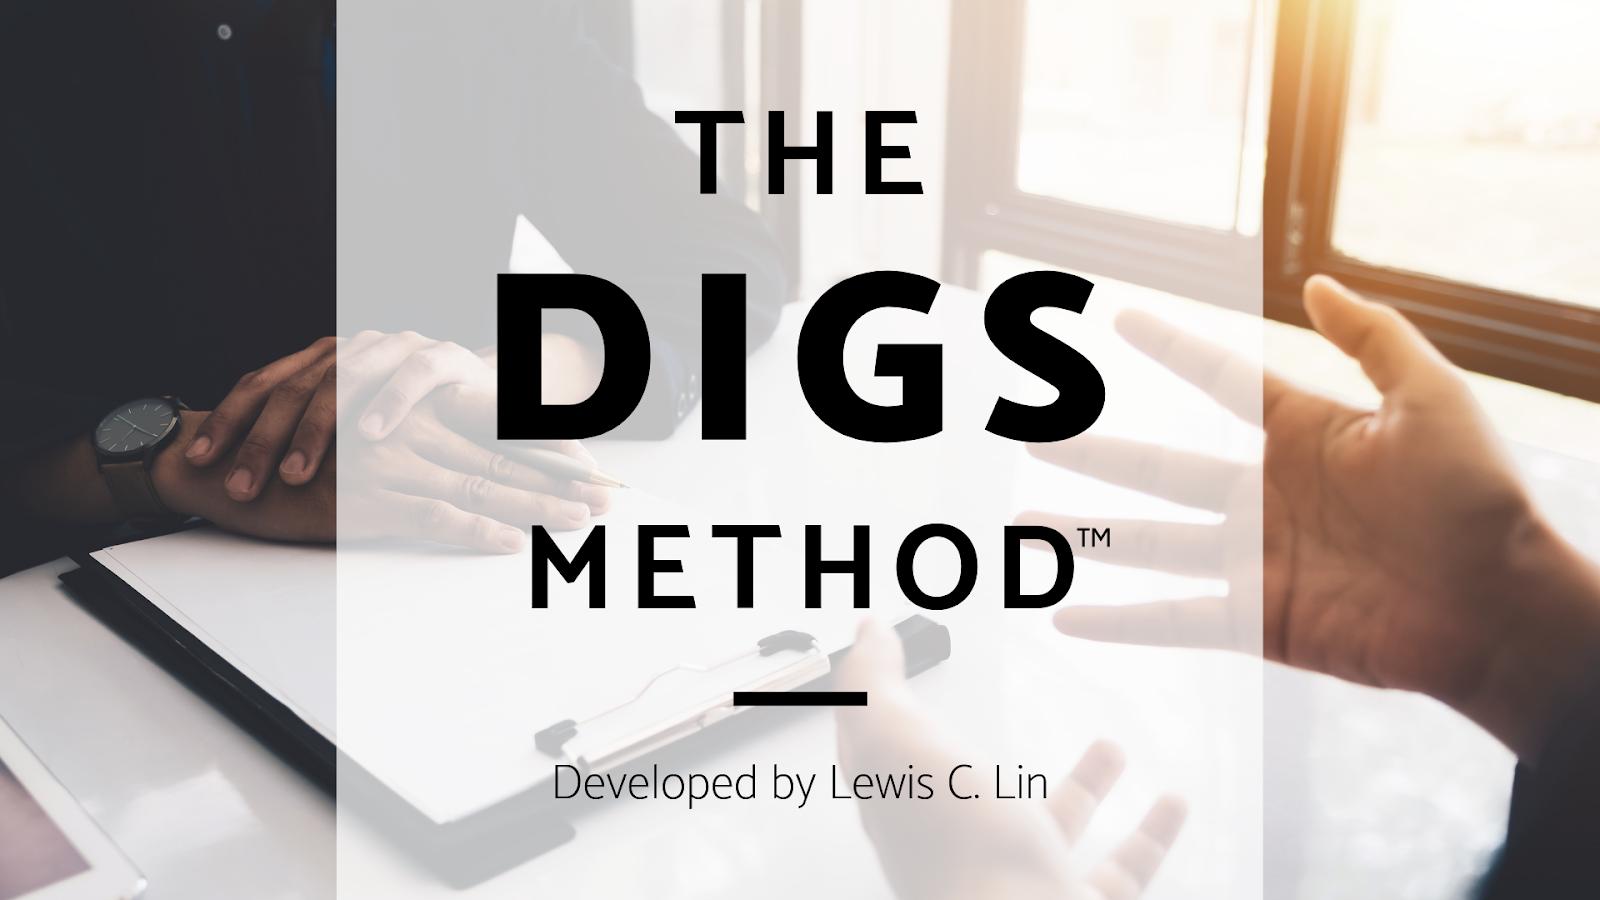 digs-method-lewis-c-lin.png